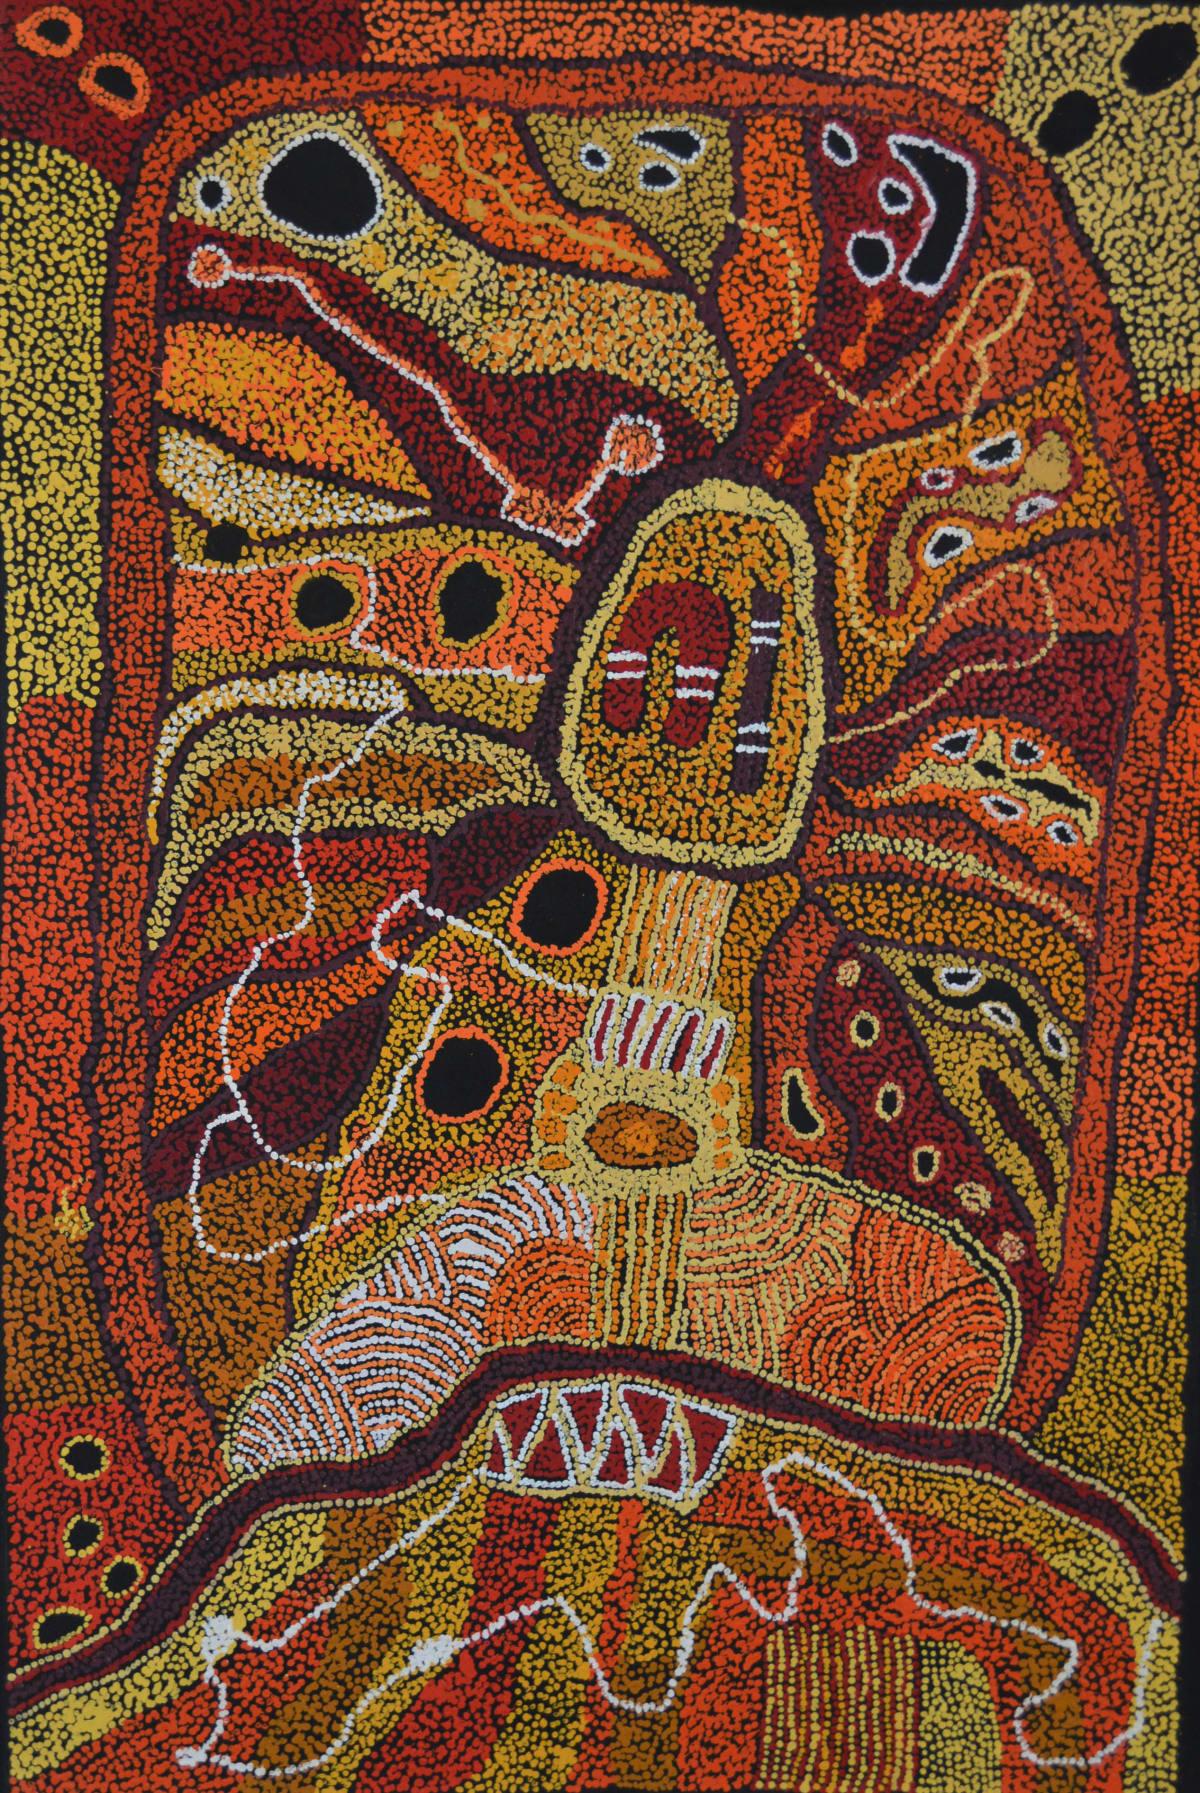 Mona Mitakiki Shepherd Ngayuku ngura - My Country acrylic on linen 152.5 x 122 cm